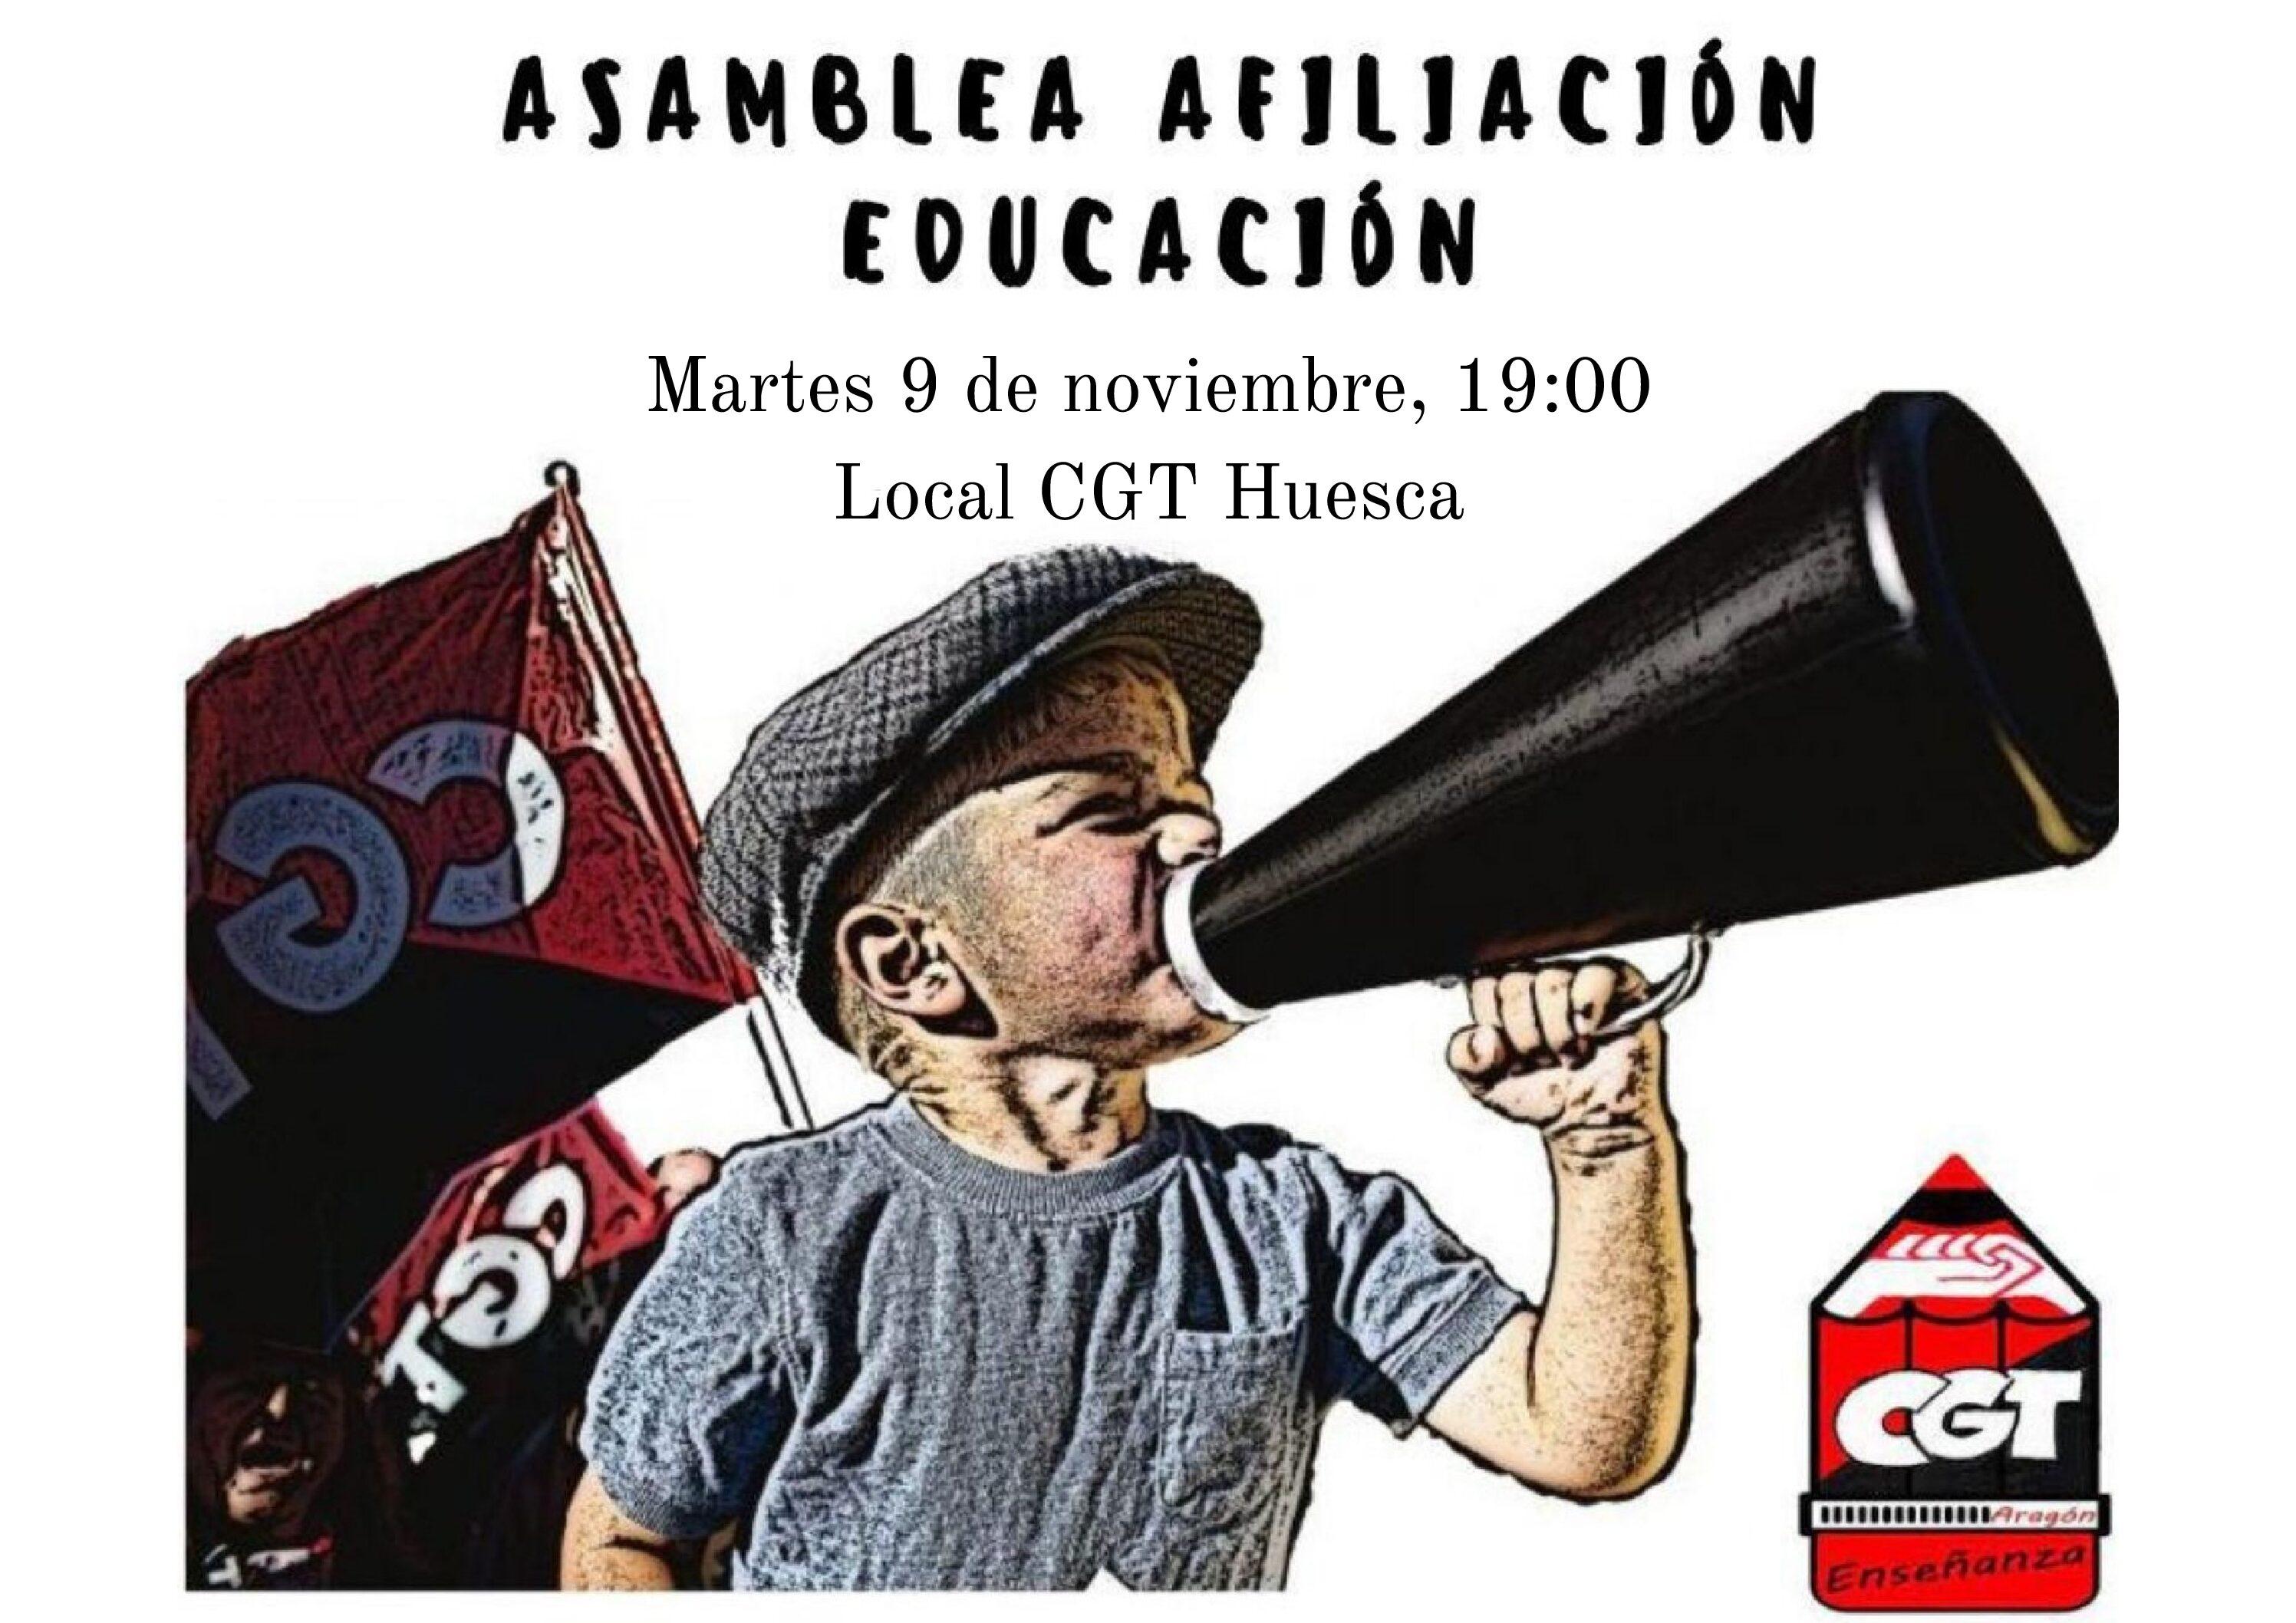 Asamblea Educación Huesca 9 de noviembre.